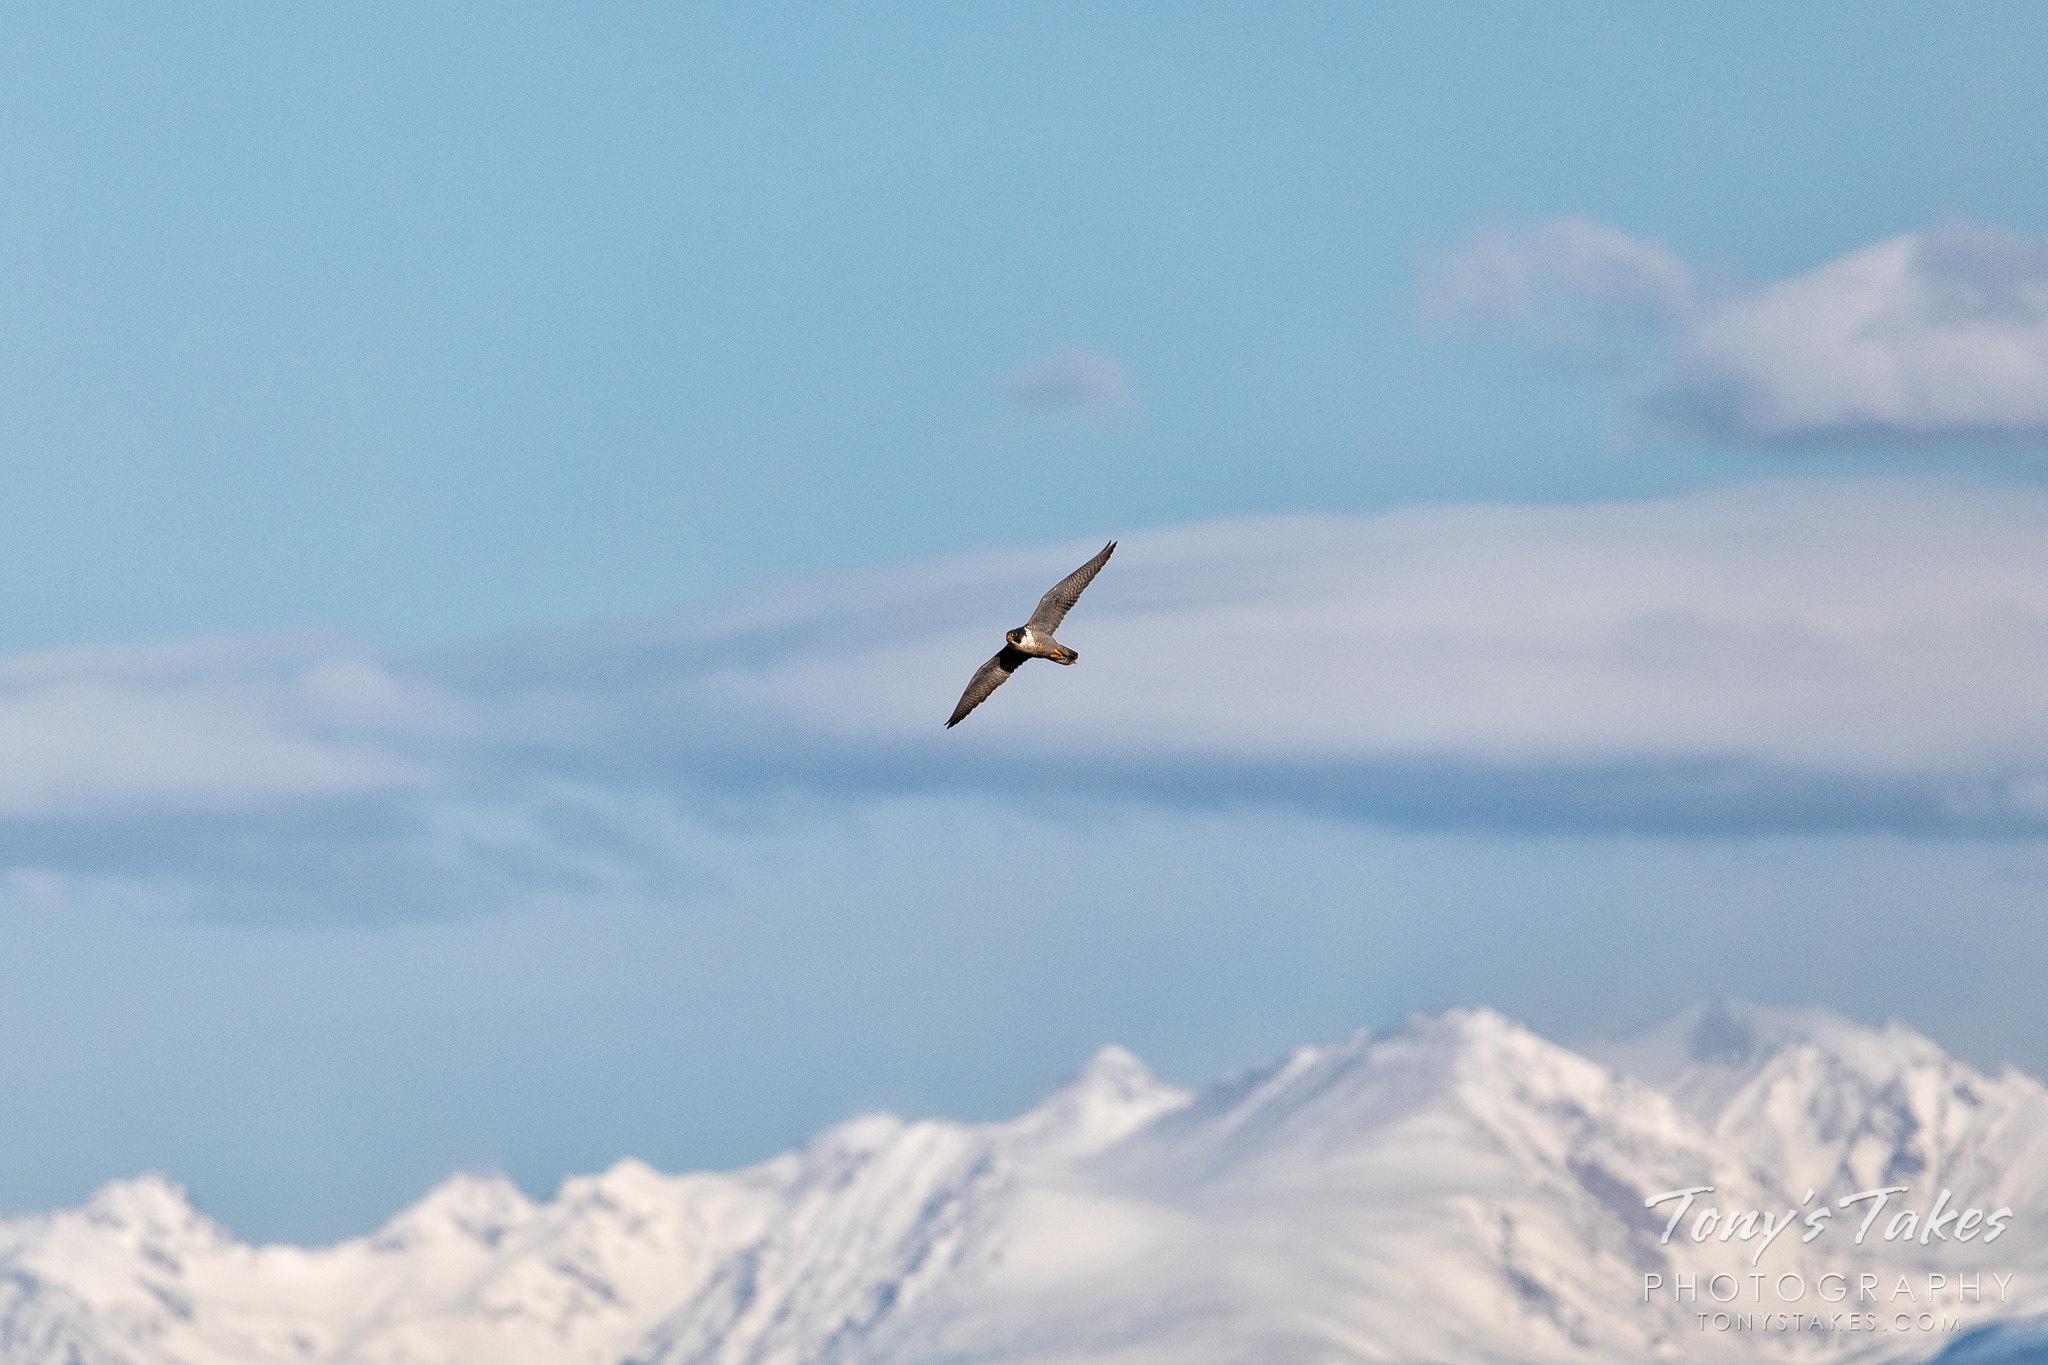 Peregrine falcon makes a rare appearance